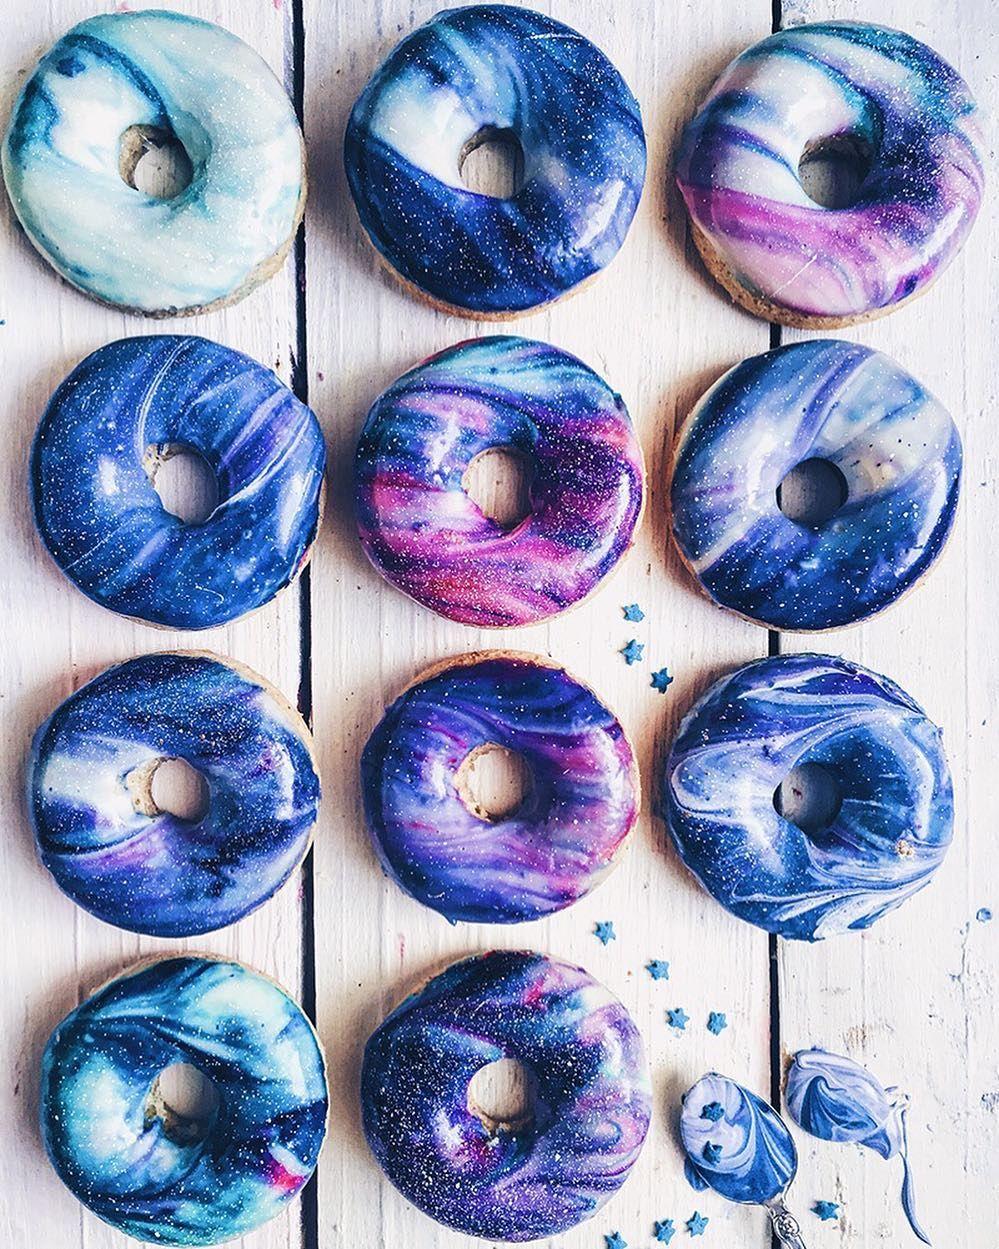 Galaxy Food Donuts, Macarons & Cookies im Space-Look| COSMOPOLITAN